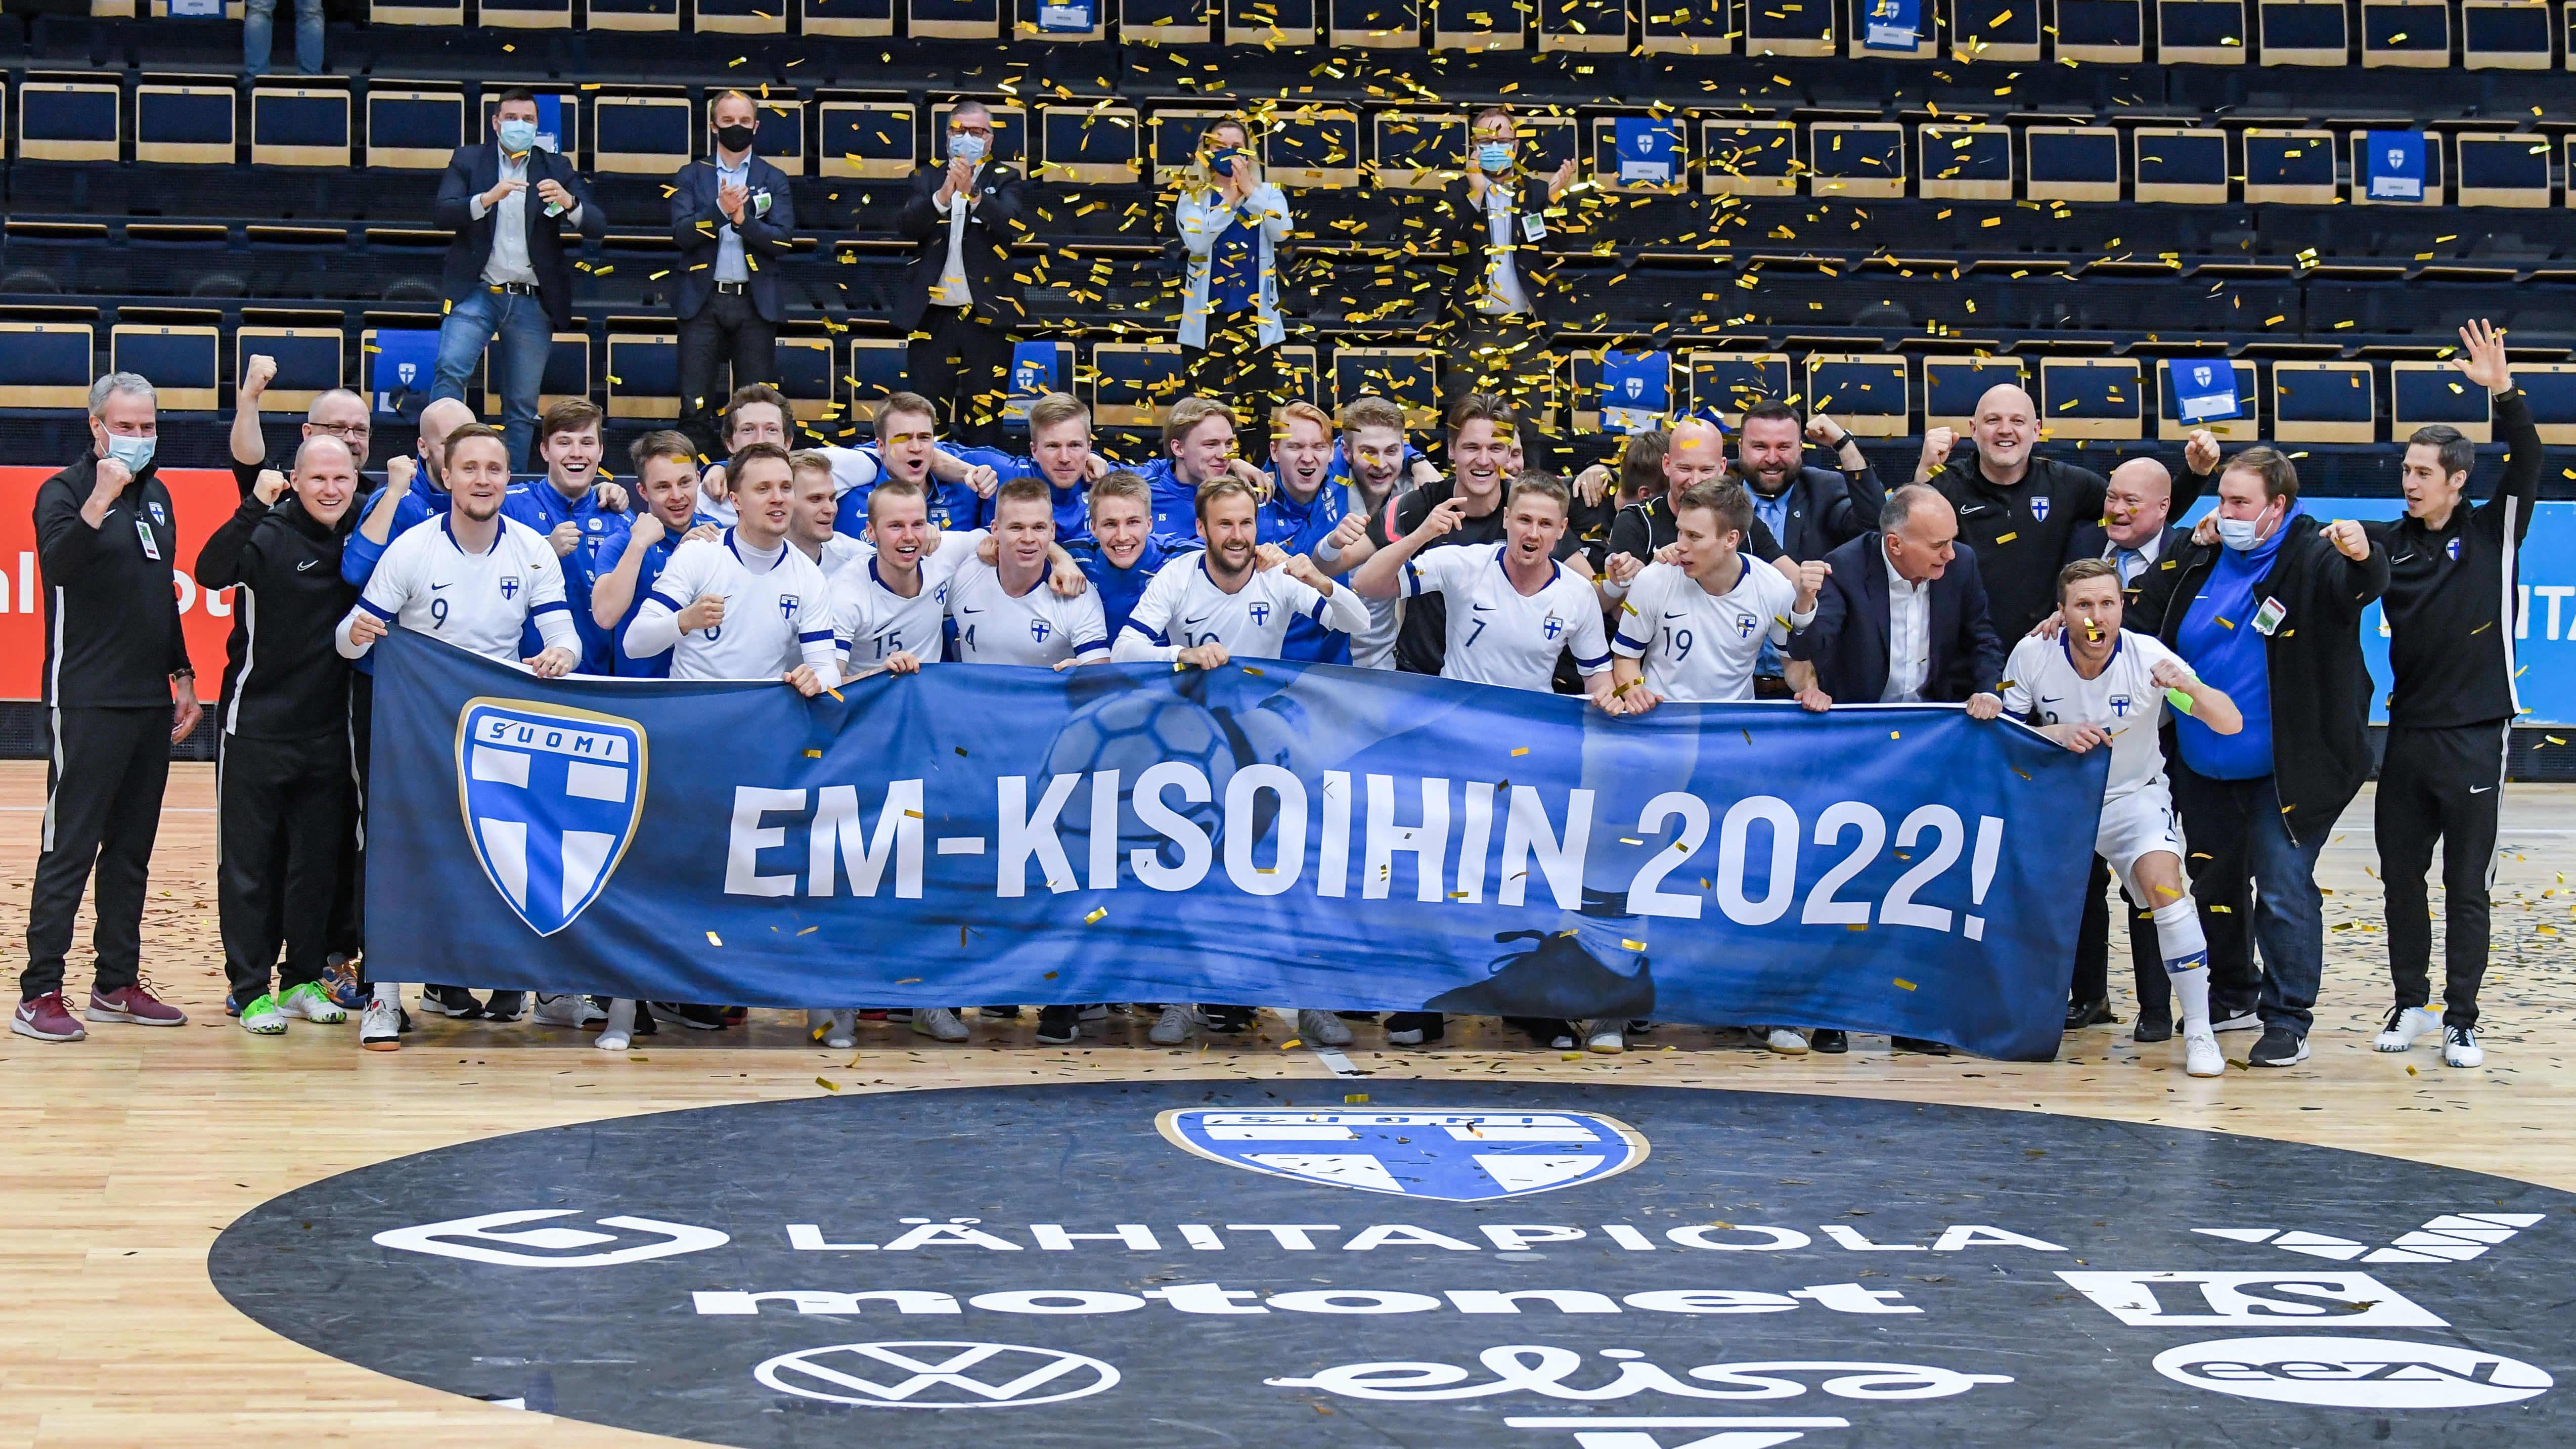 Futsalmaajoukkue pääsi juhlimaan EM-kisapaikkaa huhtikuussa 2021.